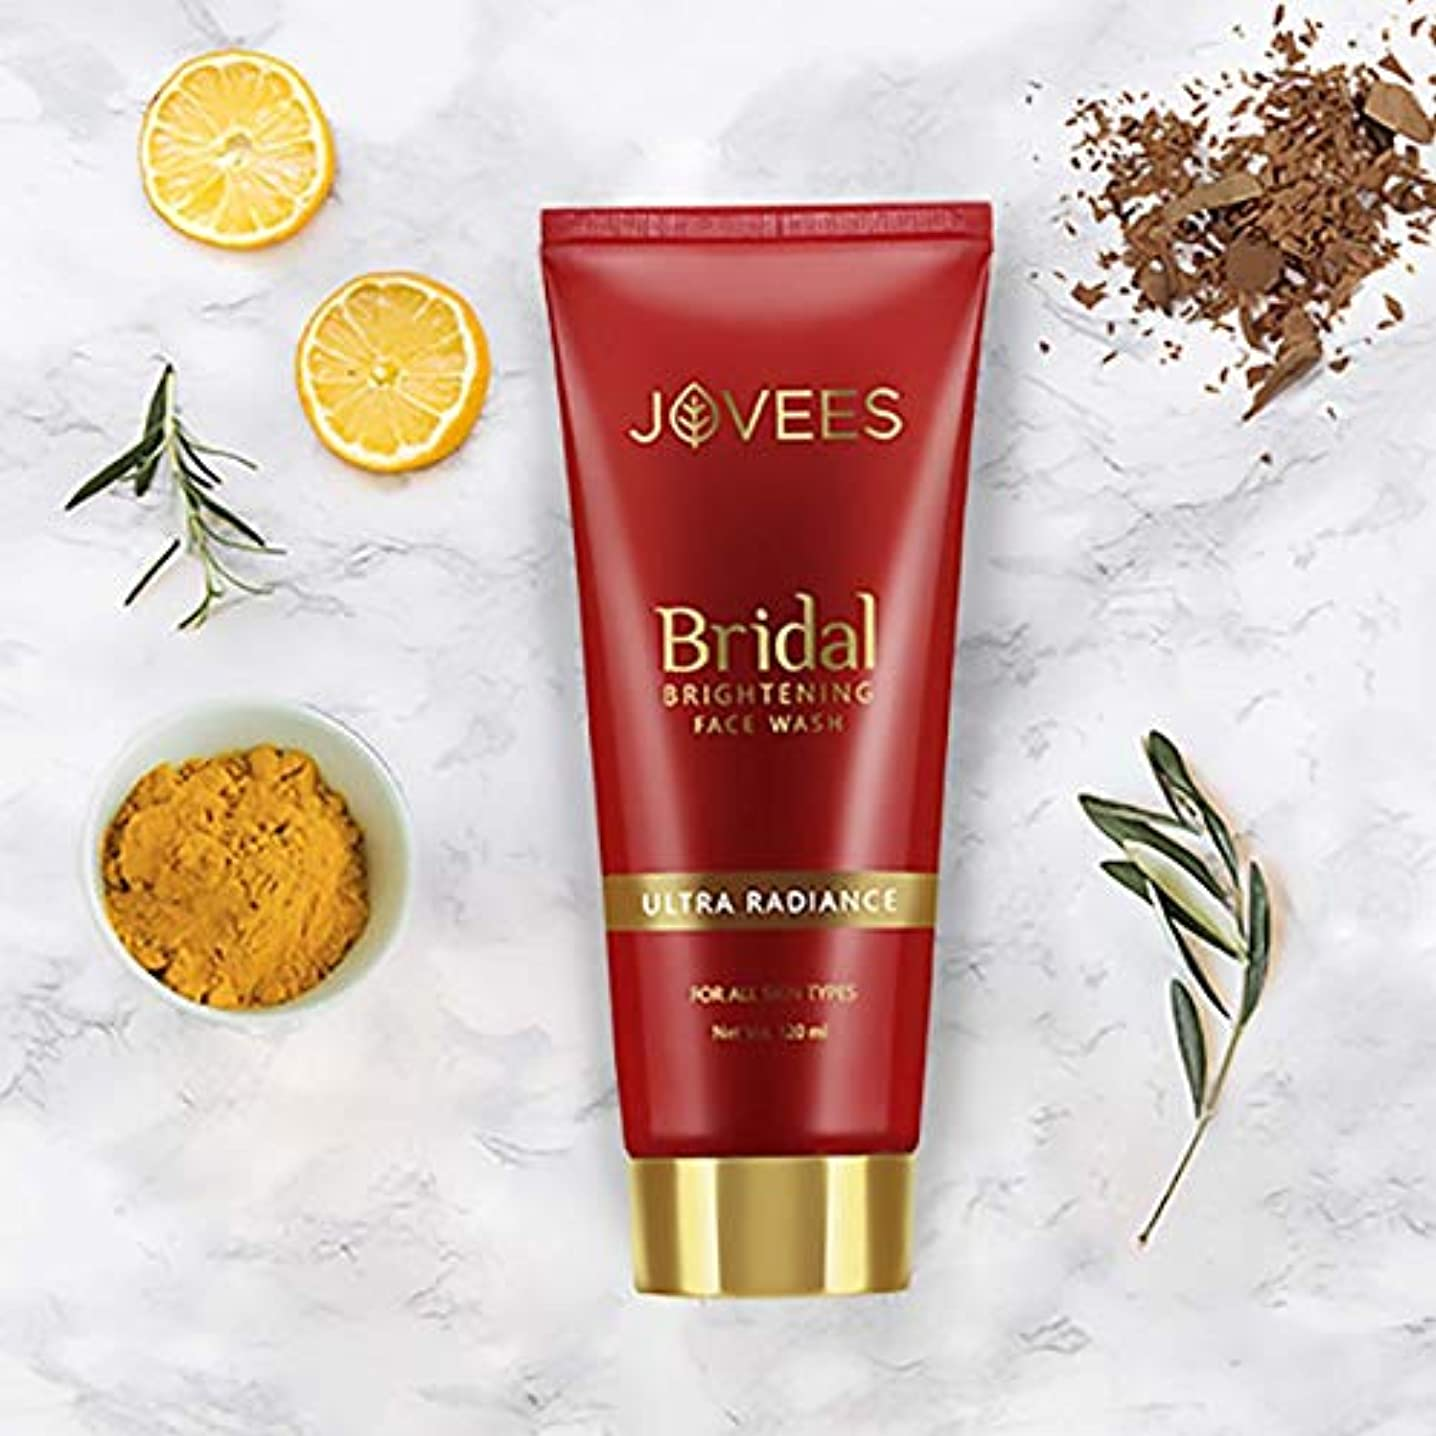 のぞき見わざわざ章Jovees Bridal Brightening Face Wash 120ml Ultra Radiance Even & brighter complex